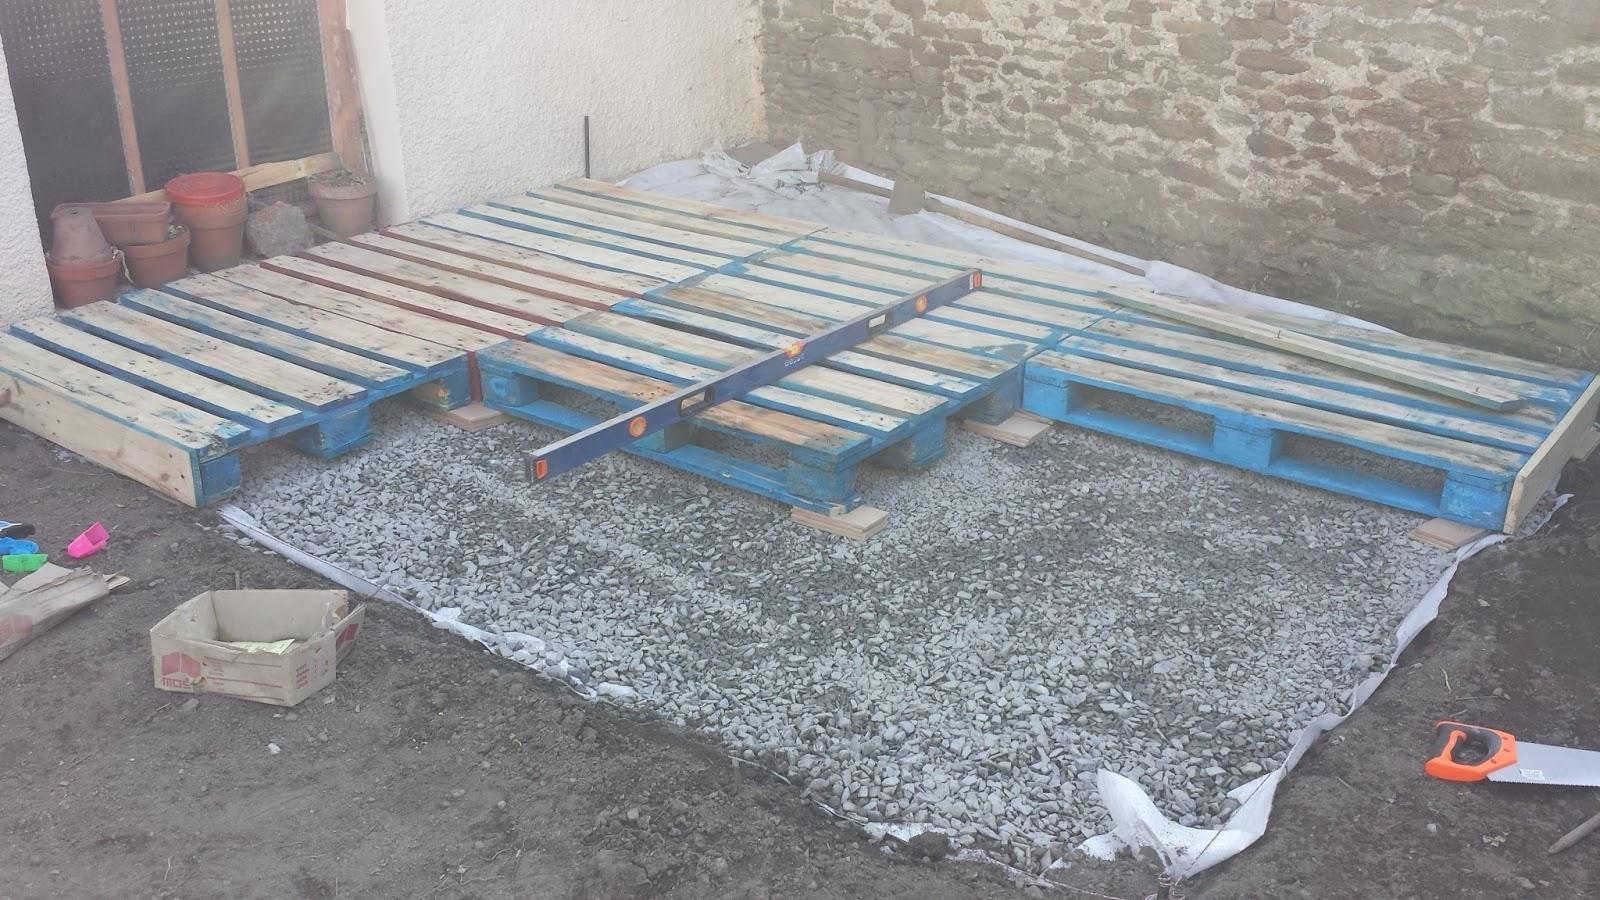 Tutoriel pour faire une terrasse design en palettes facilement id es et tuto de cr ations d - Mettre une couette facilement ...